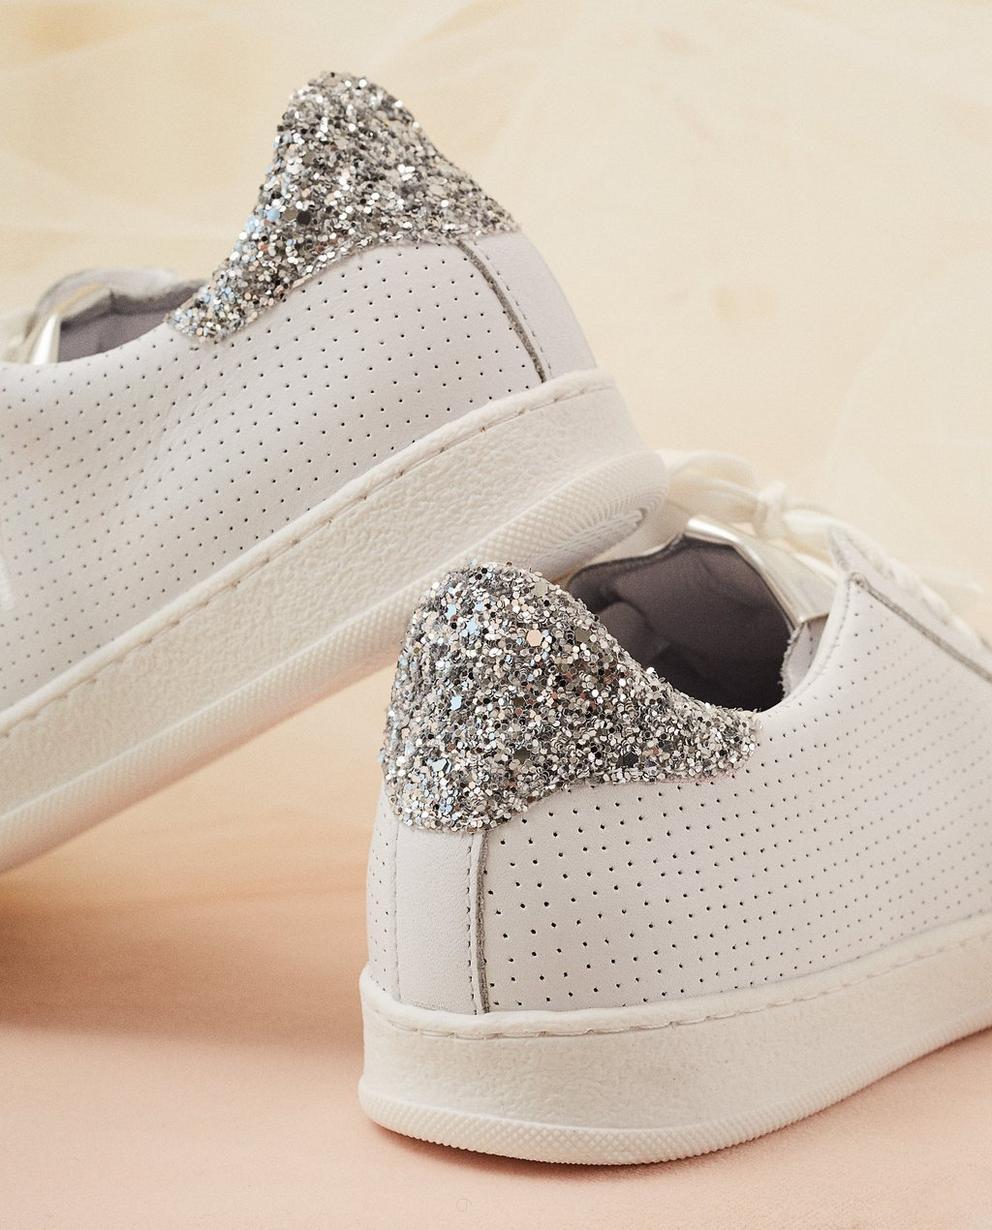 Schuhe - Weiss - Weiße Sneaker, Größe 30-37